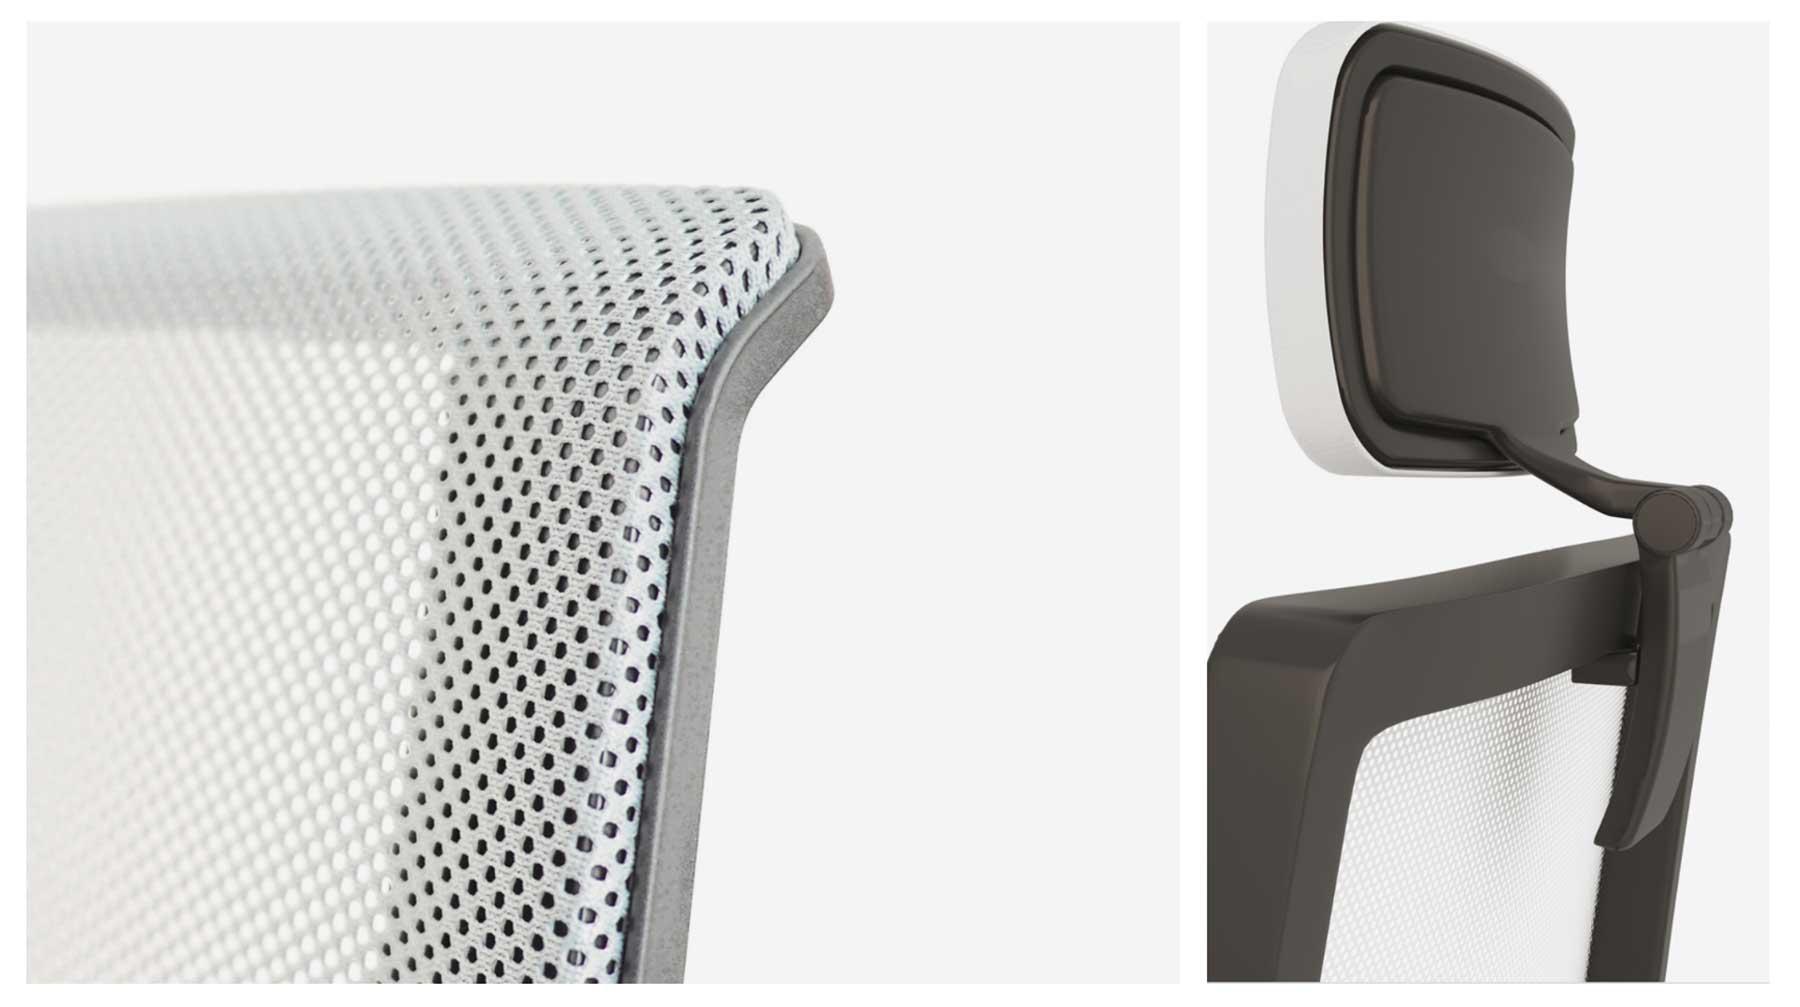 Respaldo de malla transpirable y reposacabezas de sillas de escritorio ergonómicas